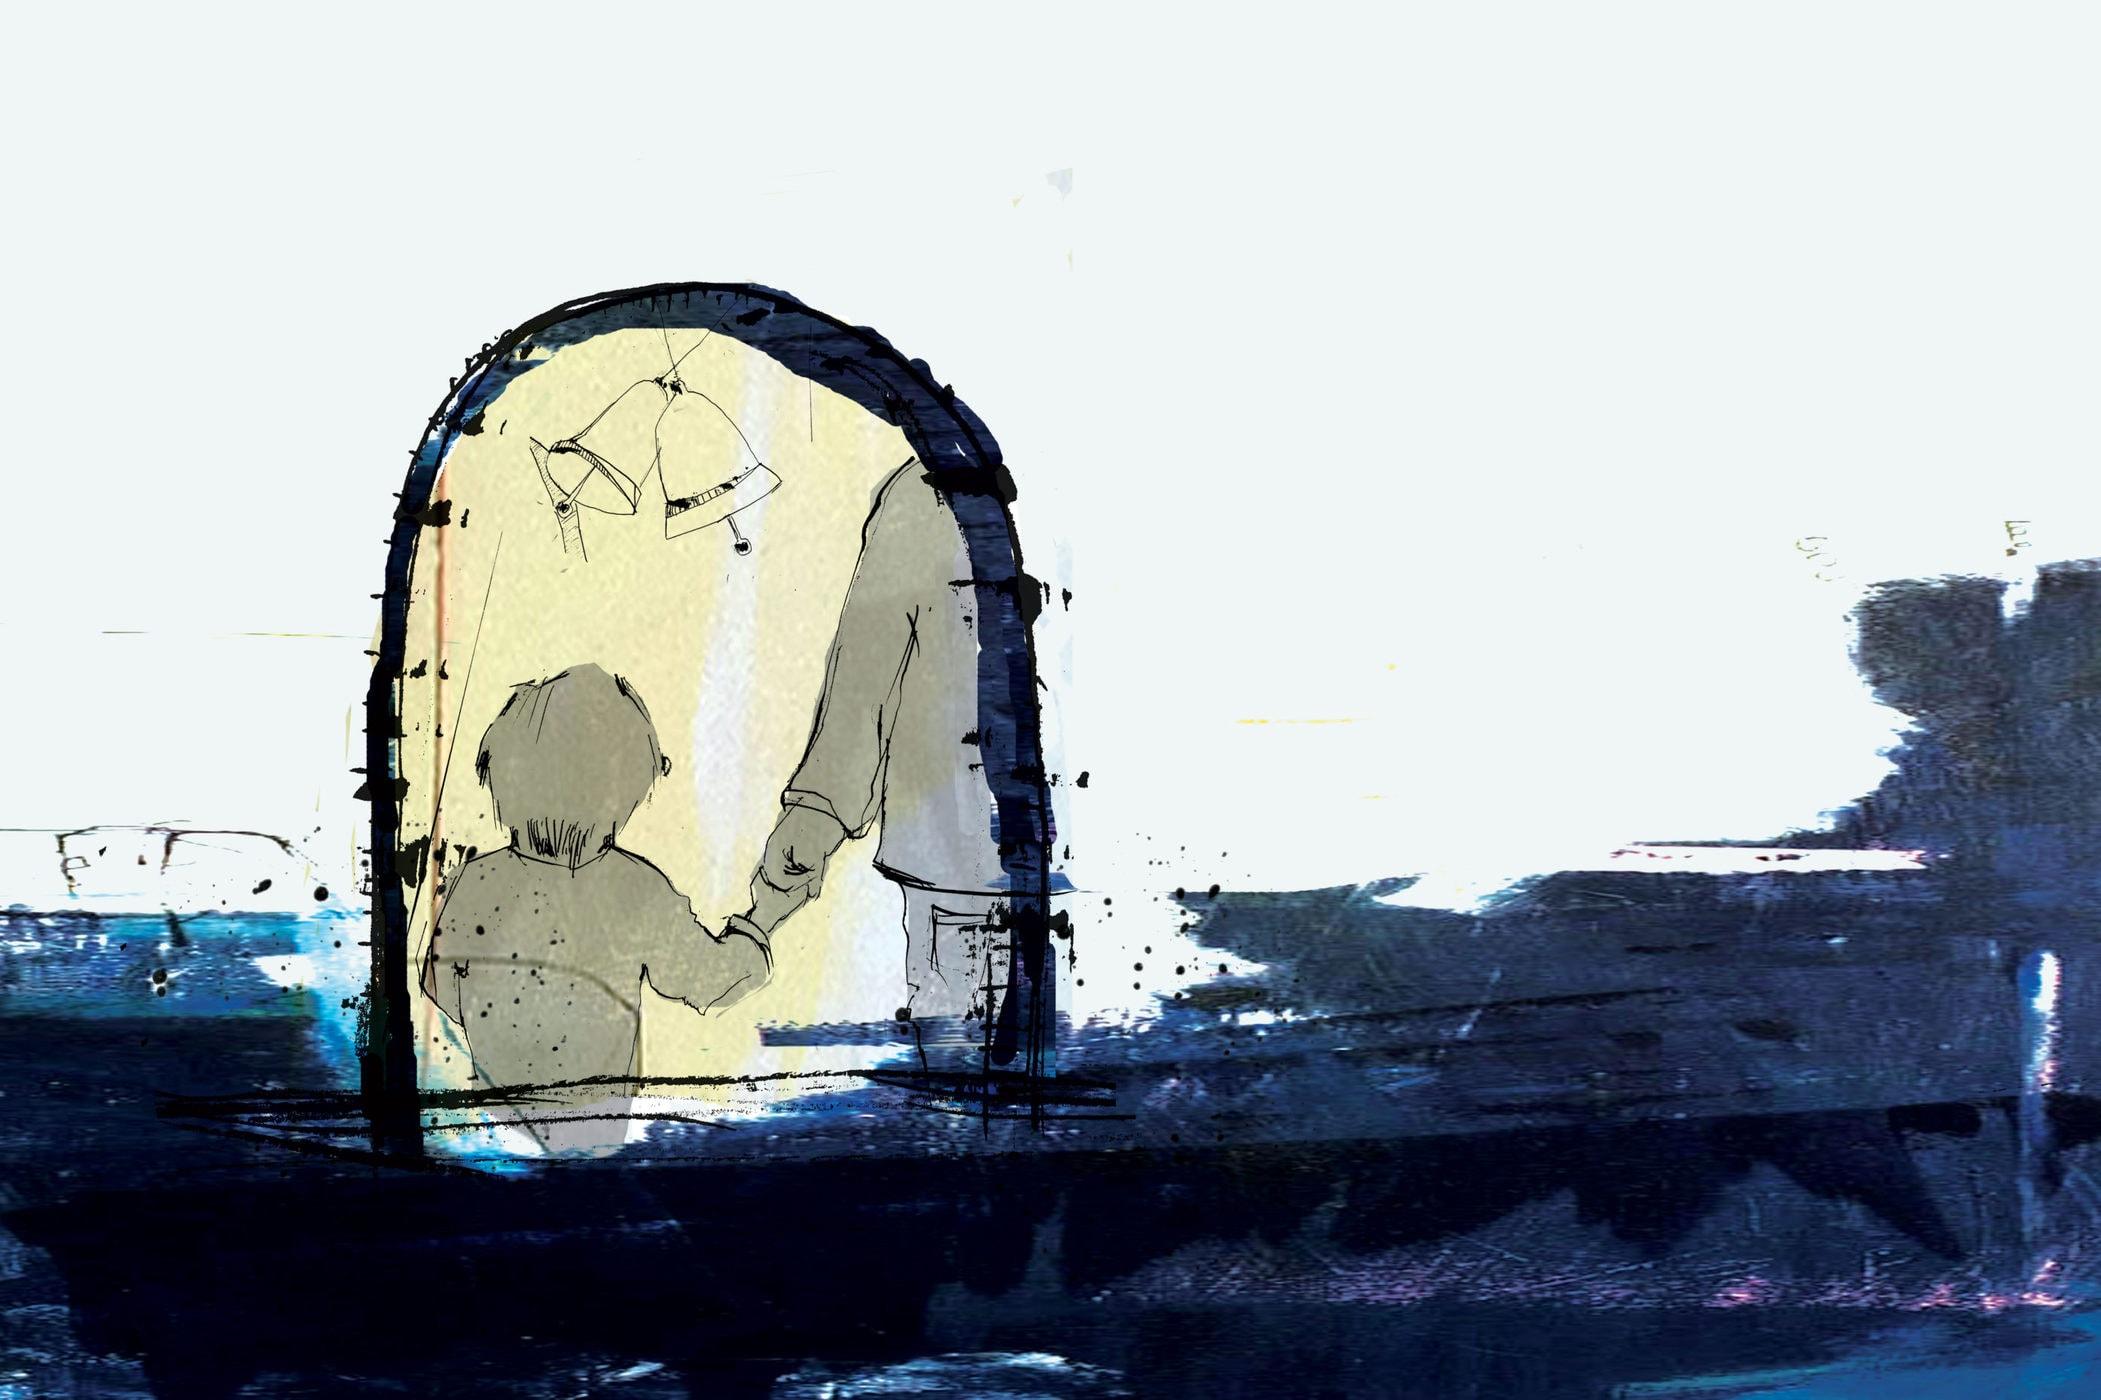 Jeg har kendt en hånd – en fortælling af Jens Peter Madsen med tegning af Tanja Eijgendaal